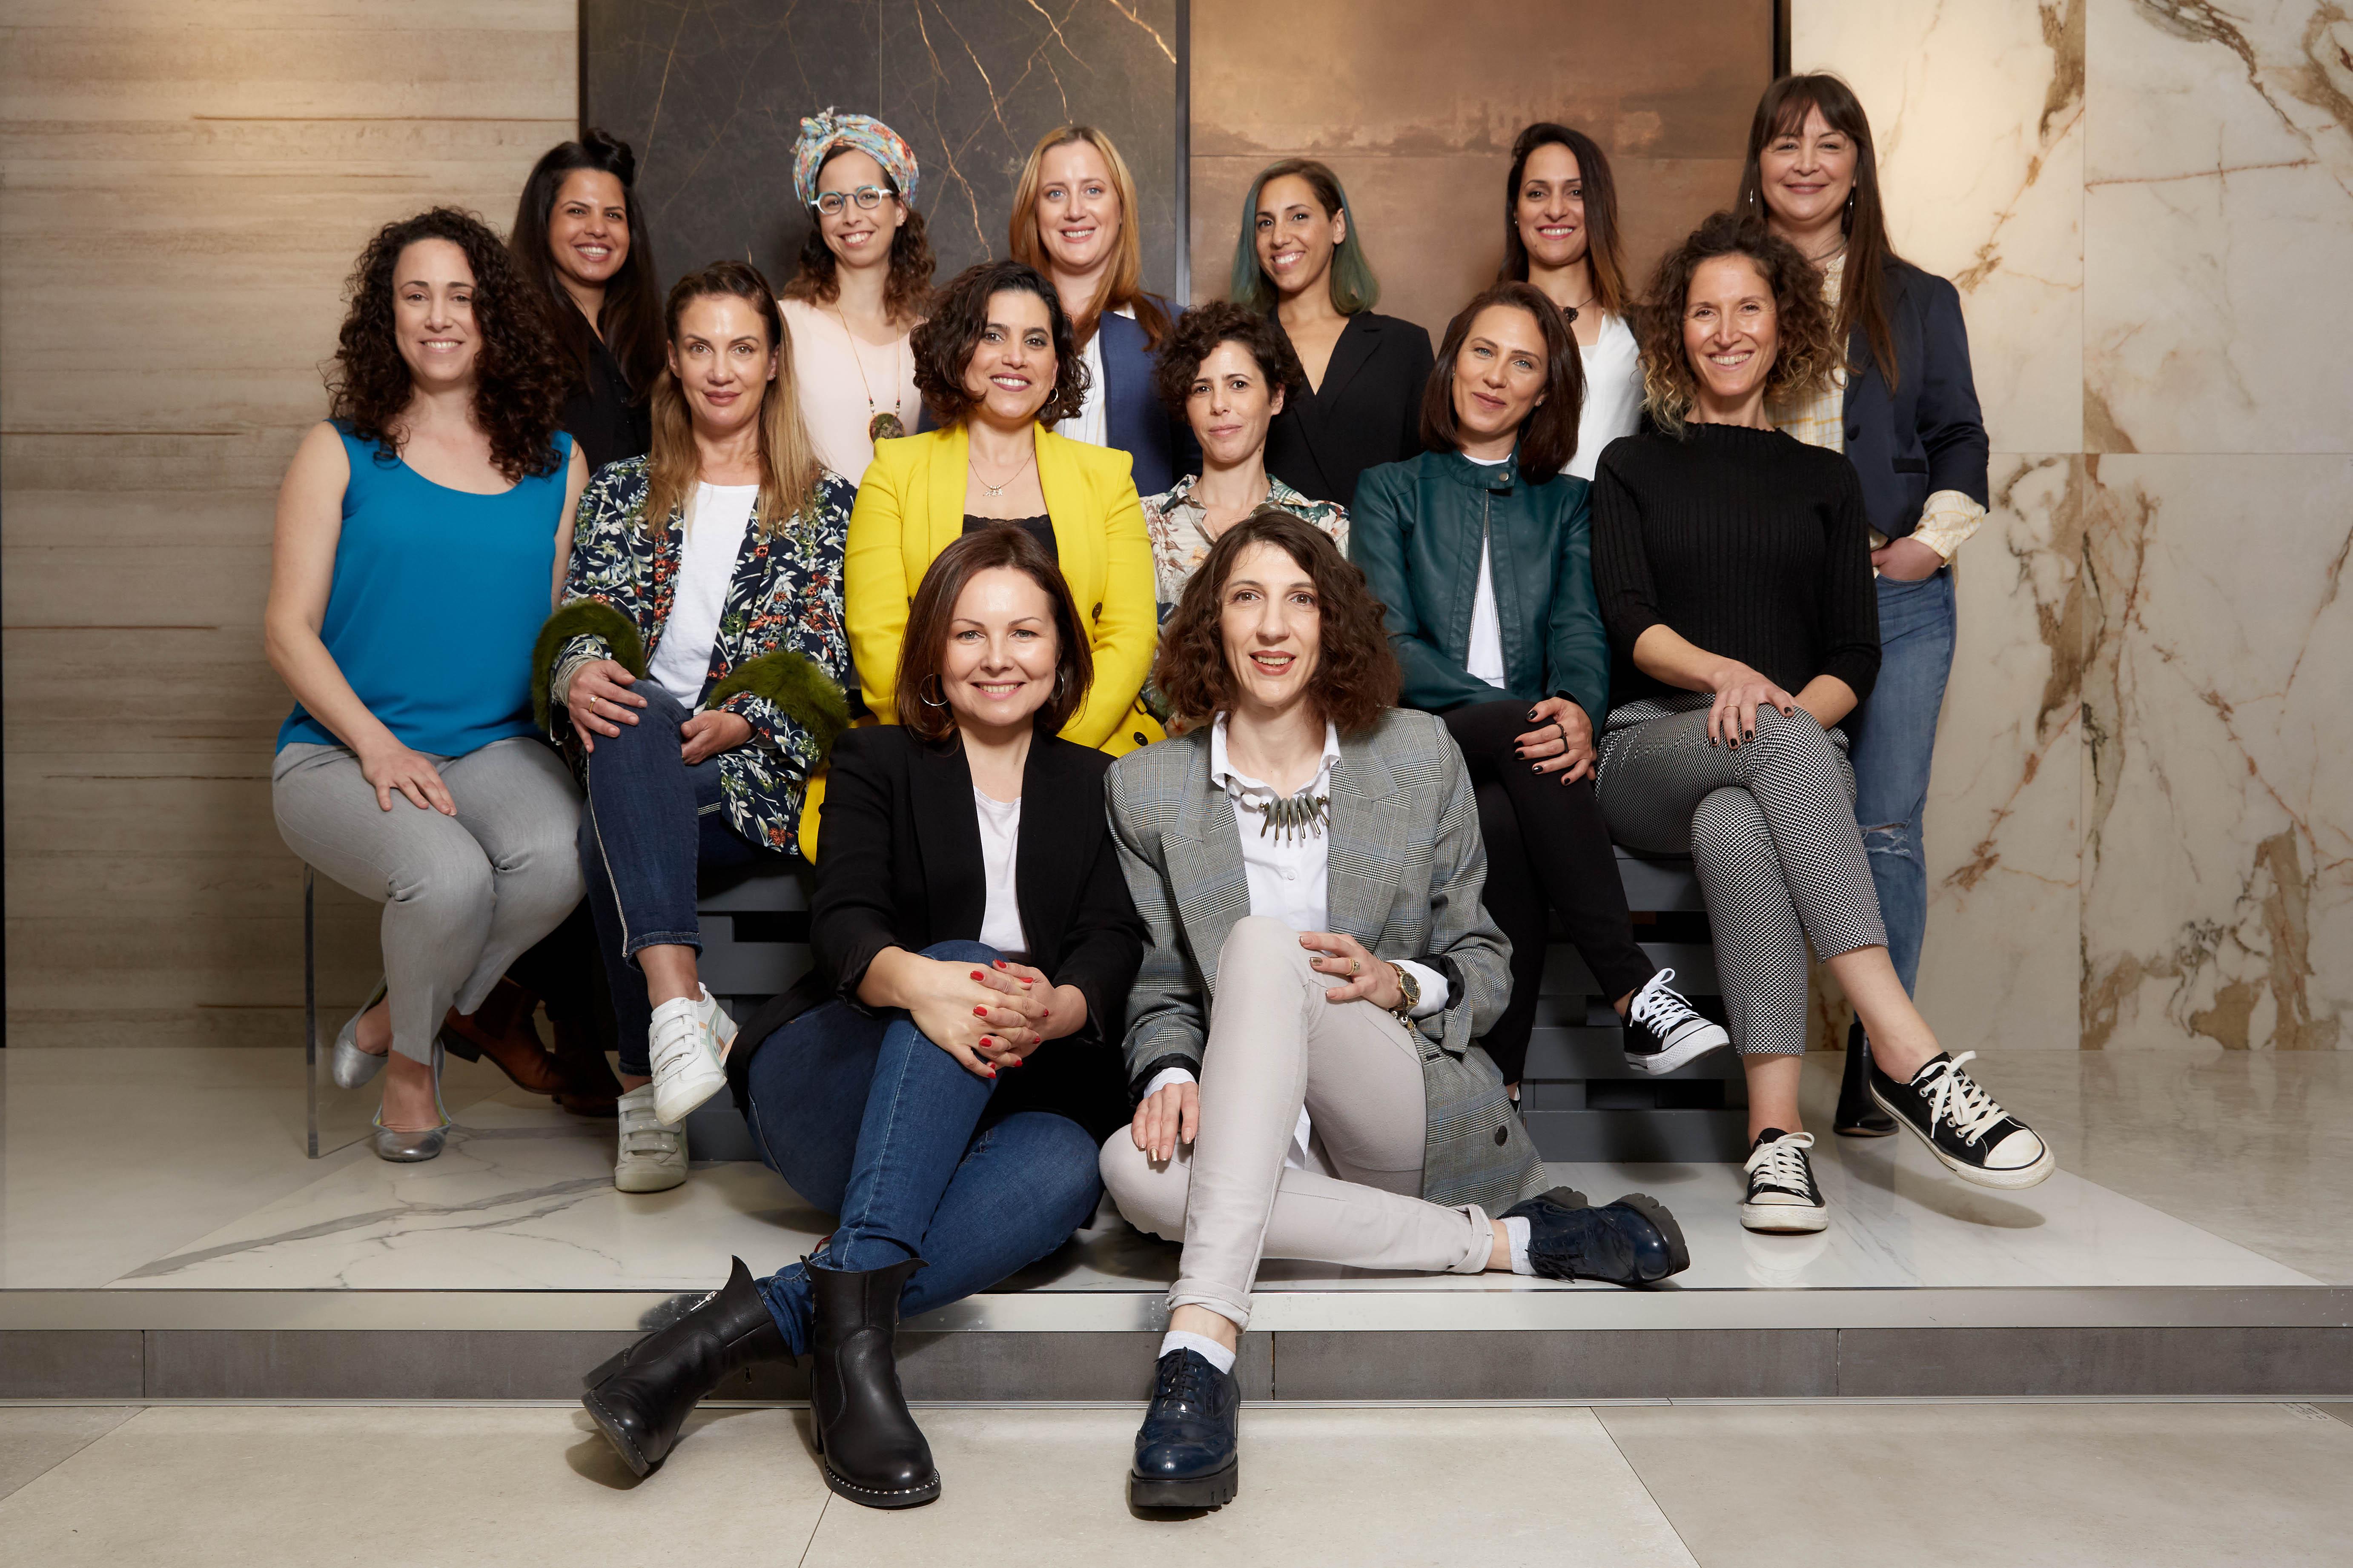 AA ceramica и ее амбассадоры New Generation объявили самые модные стили и тренды в керамике в 2019-м году